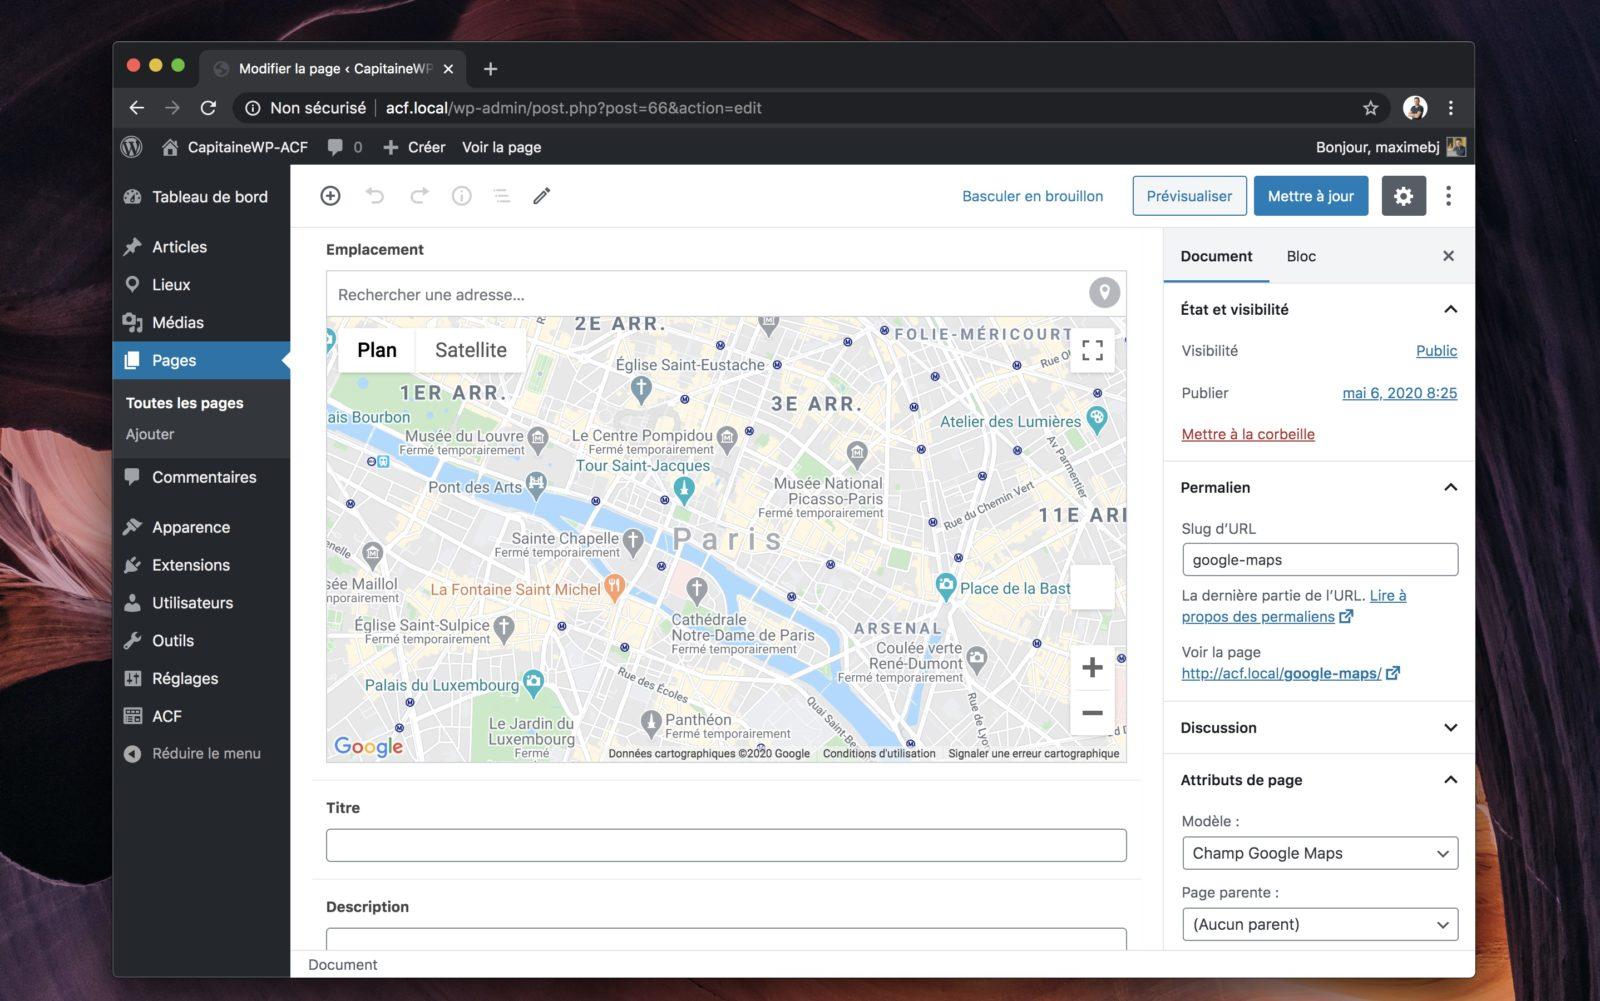 Le champ Google Maps dans ACF